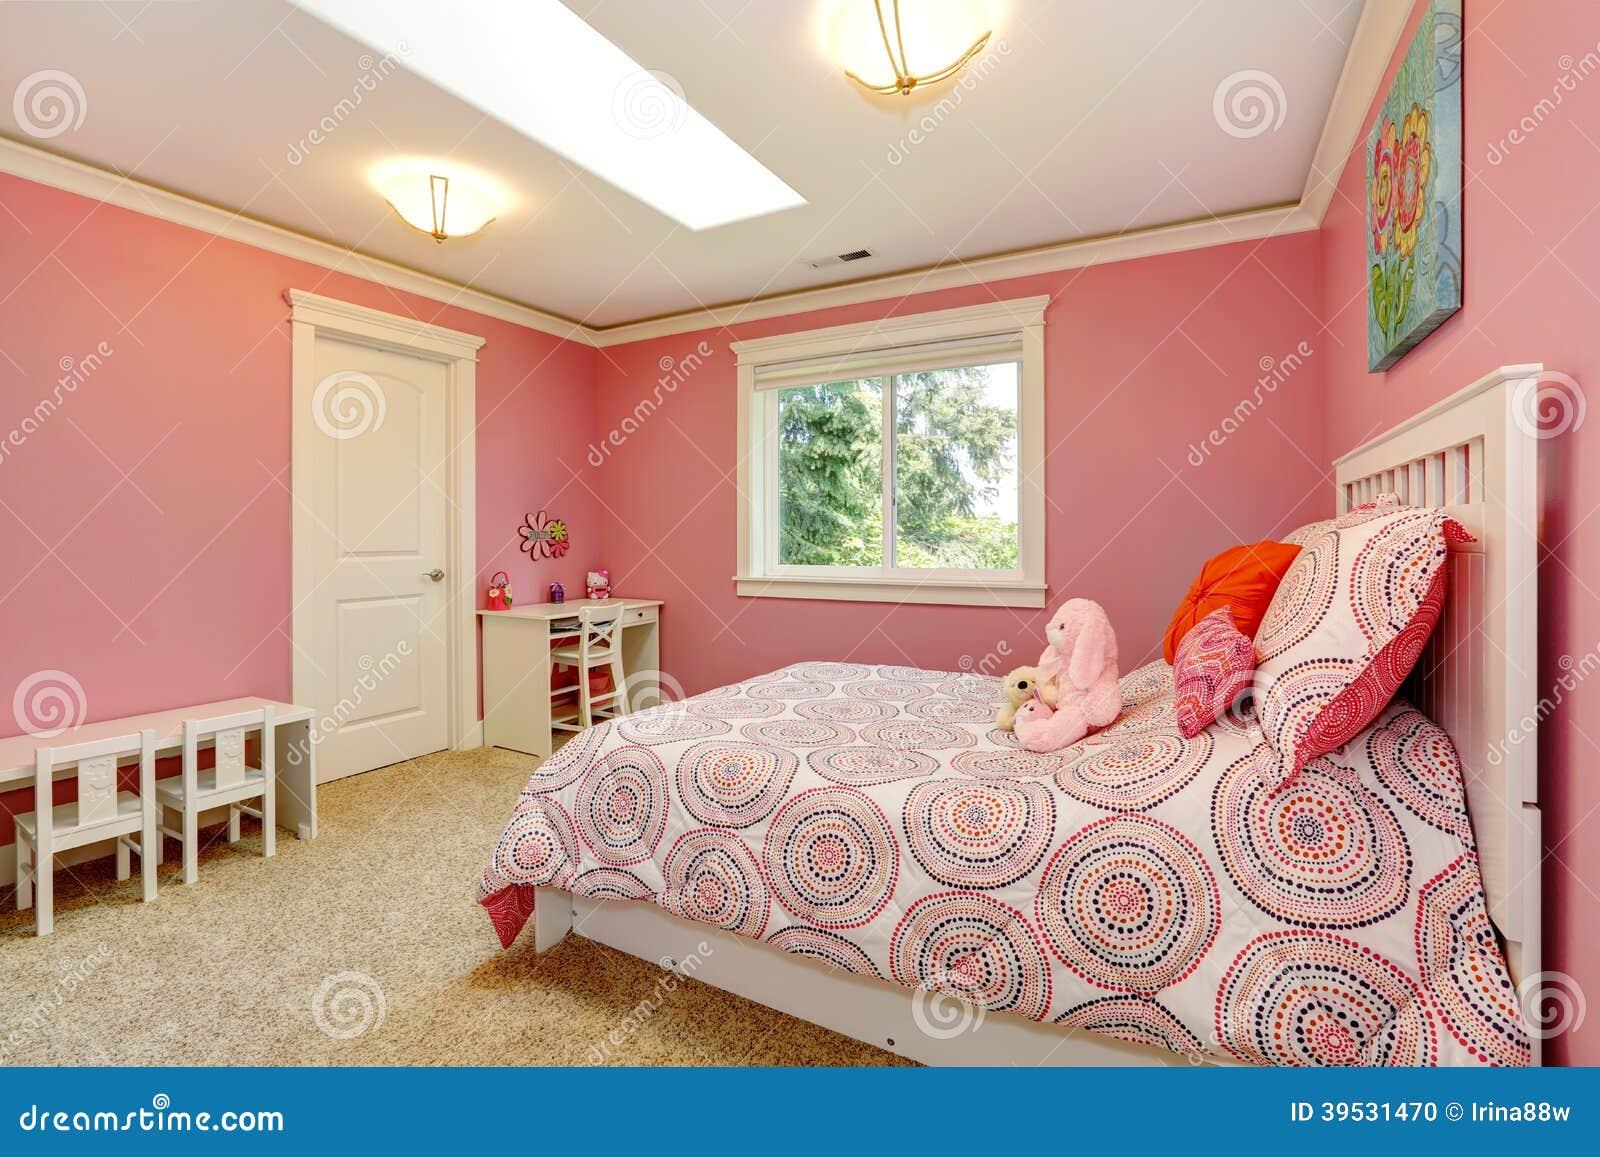 Chambre A Coucher Rose Fushia : Belle chambre à coucher rose pour des filles photo stock